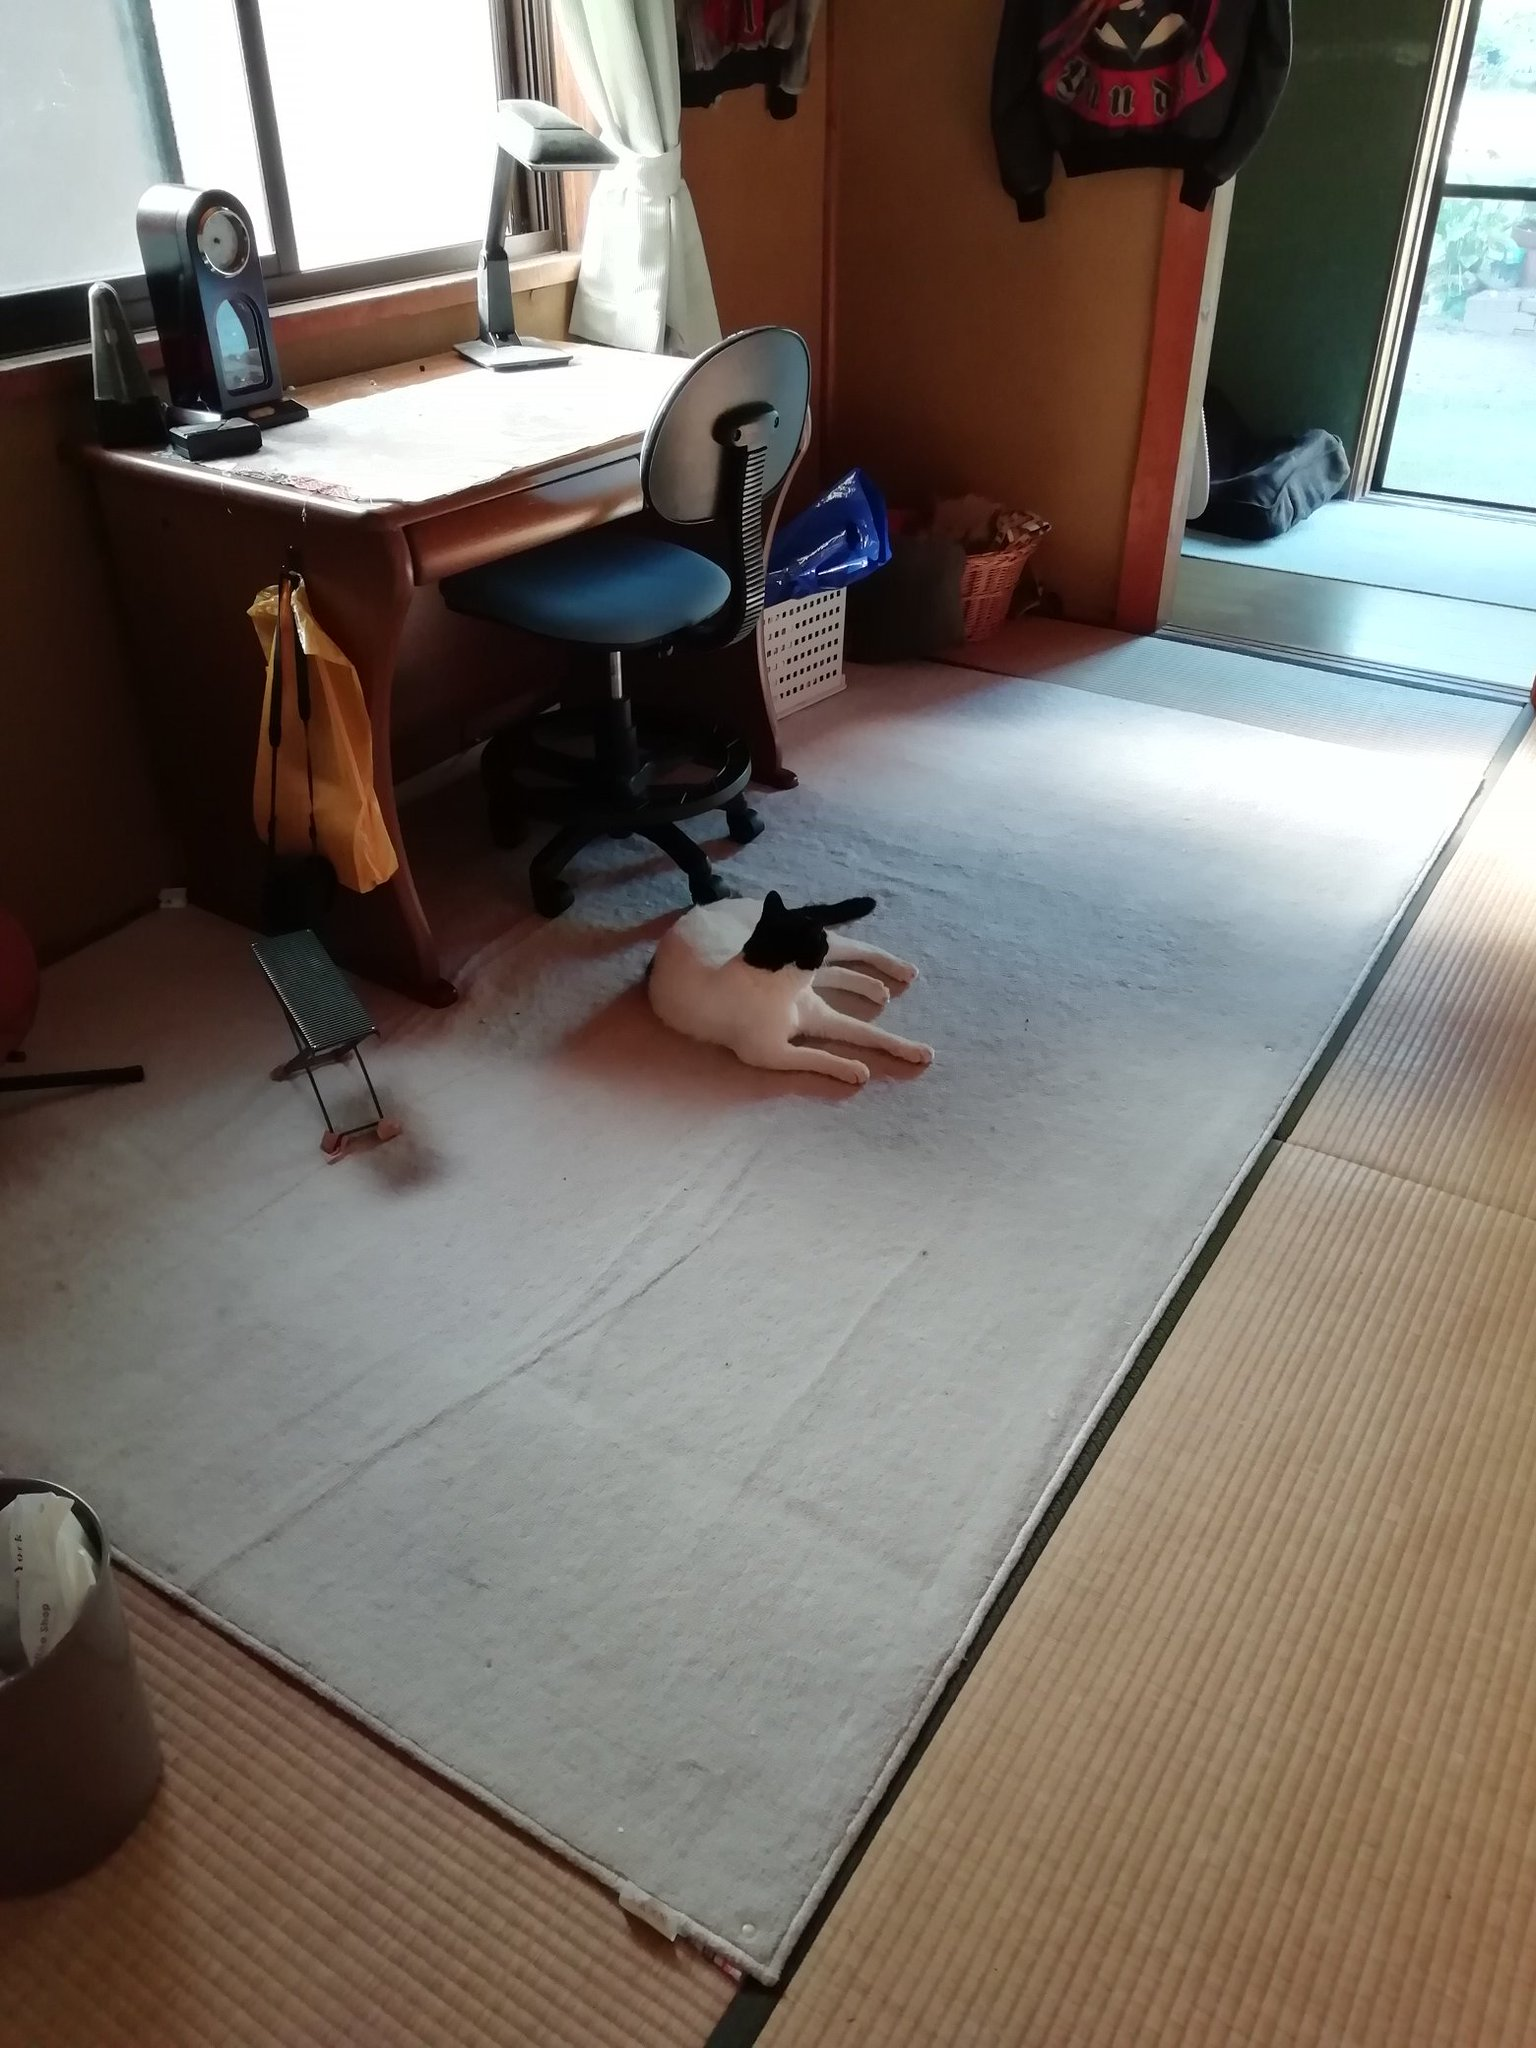 帰省した息子に、まとわりついて 息子大好きな猫は至福の一週間を過ごして、息子が帰ったあと 息子の部屋で一人…息子を待つ猫… そしてまた、一人で庭を眺めている…